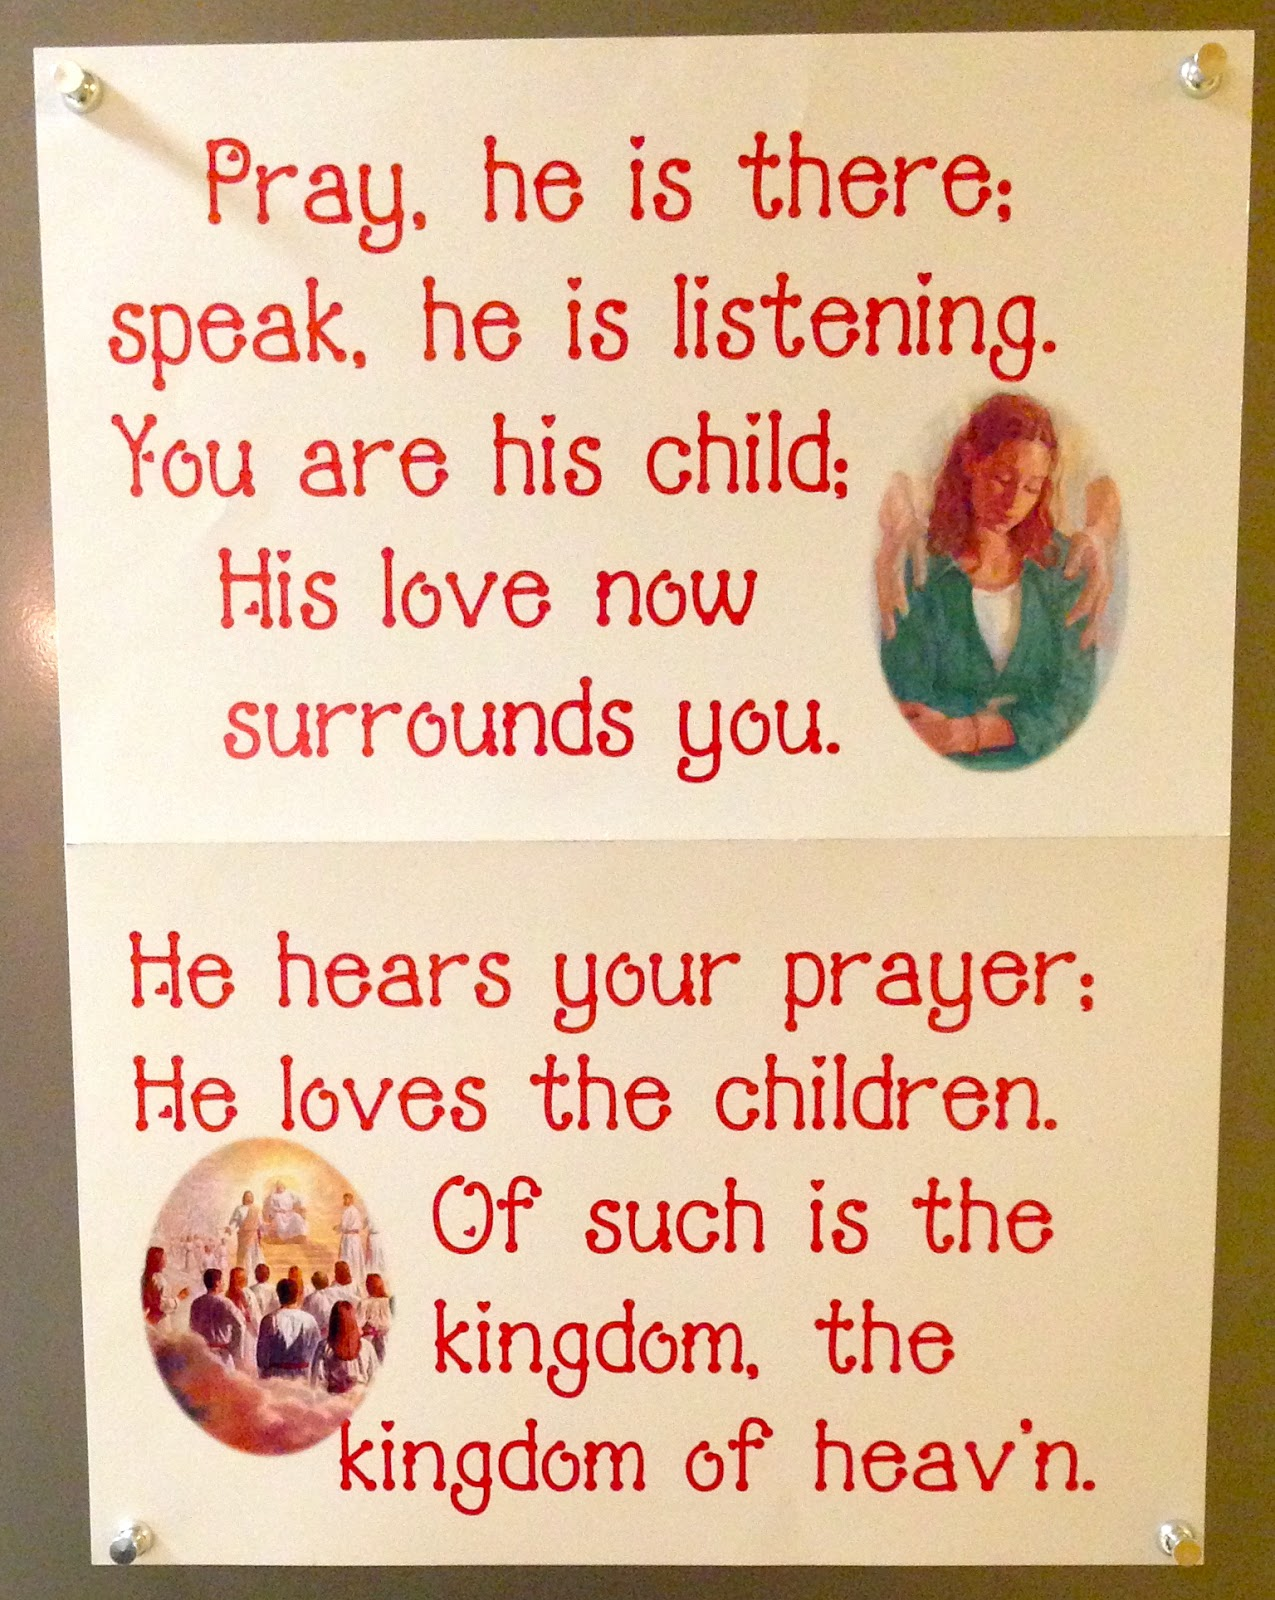 Who saidHe who sings well prays twice - answers.com